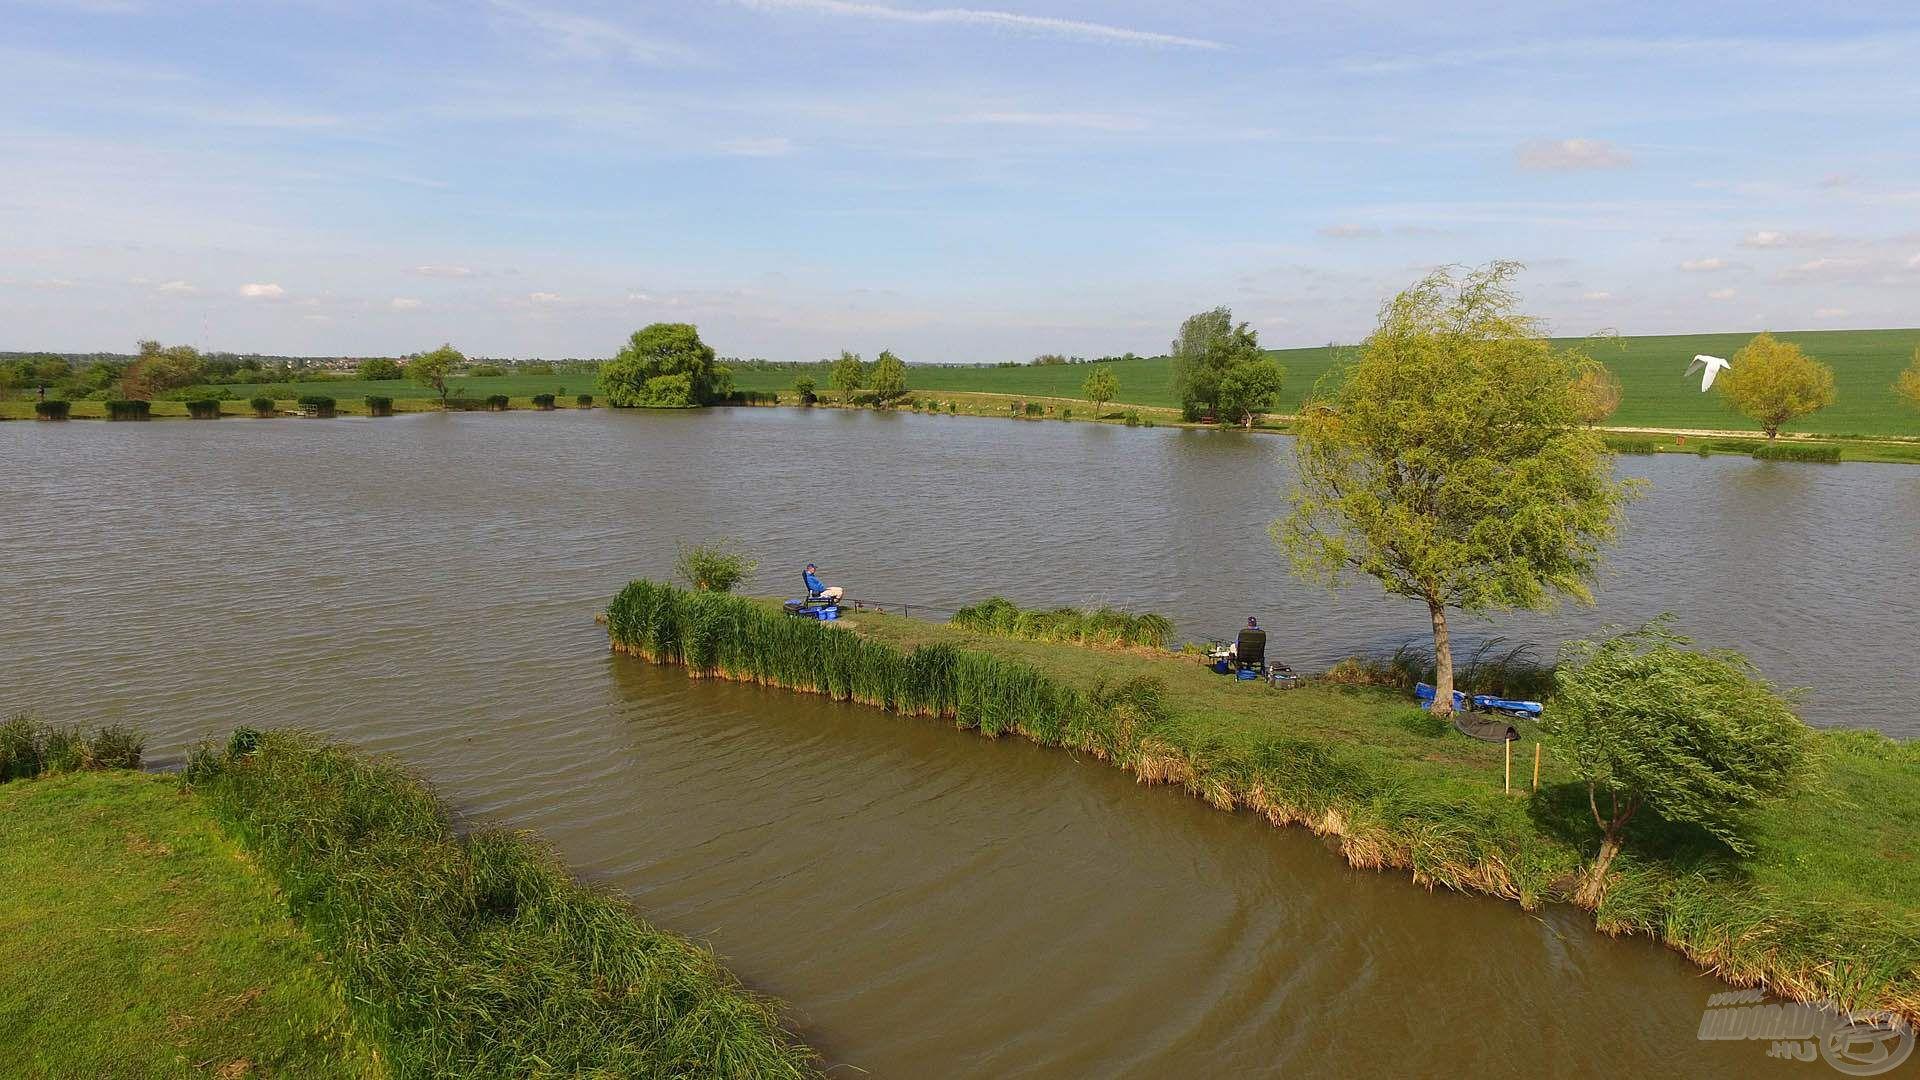 Innen széles terület kínálkozott a tó középső szakaszán a túlpart irányába, illetve a zsilip vonzásterületén való kereső horgászatra